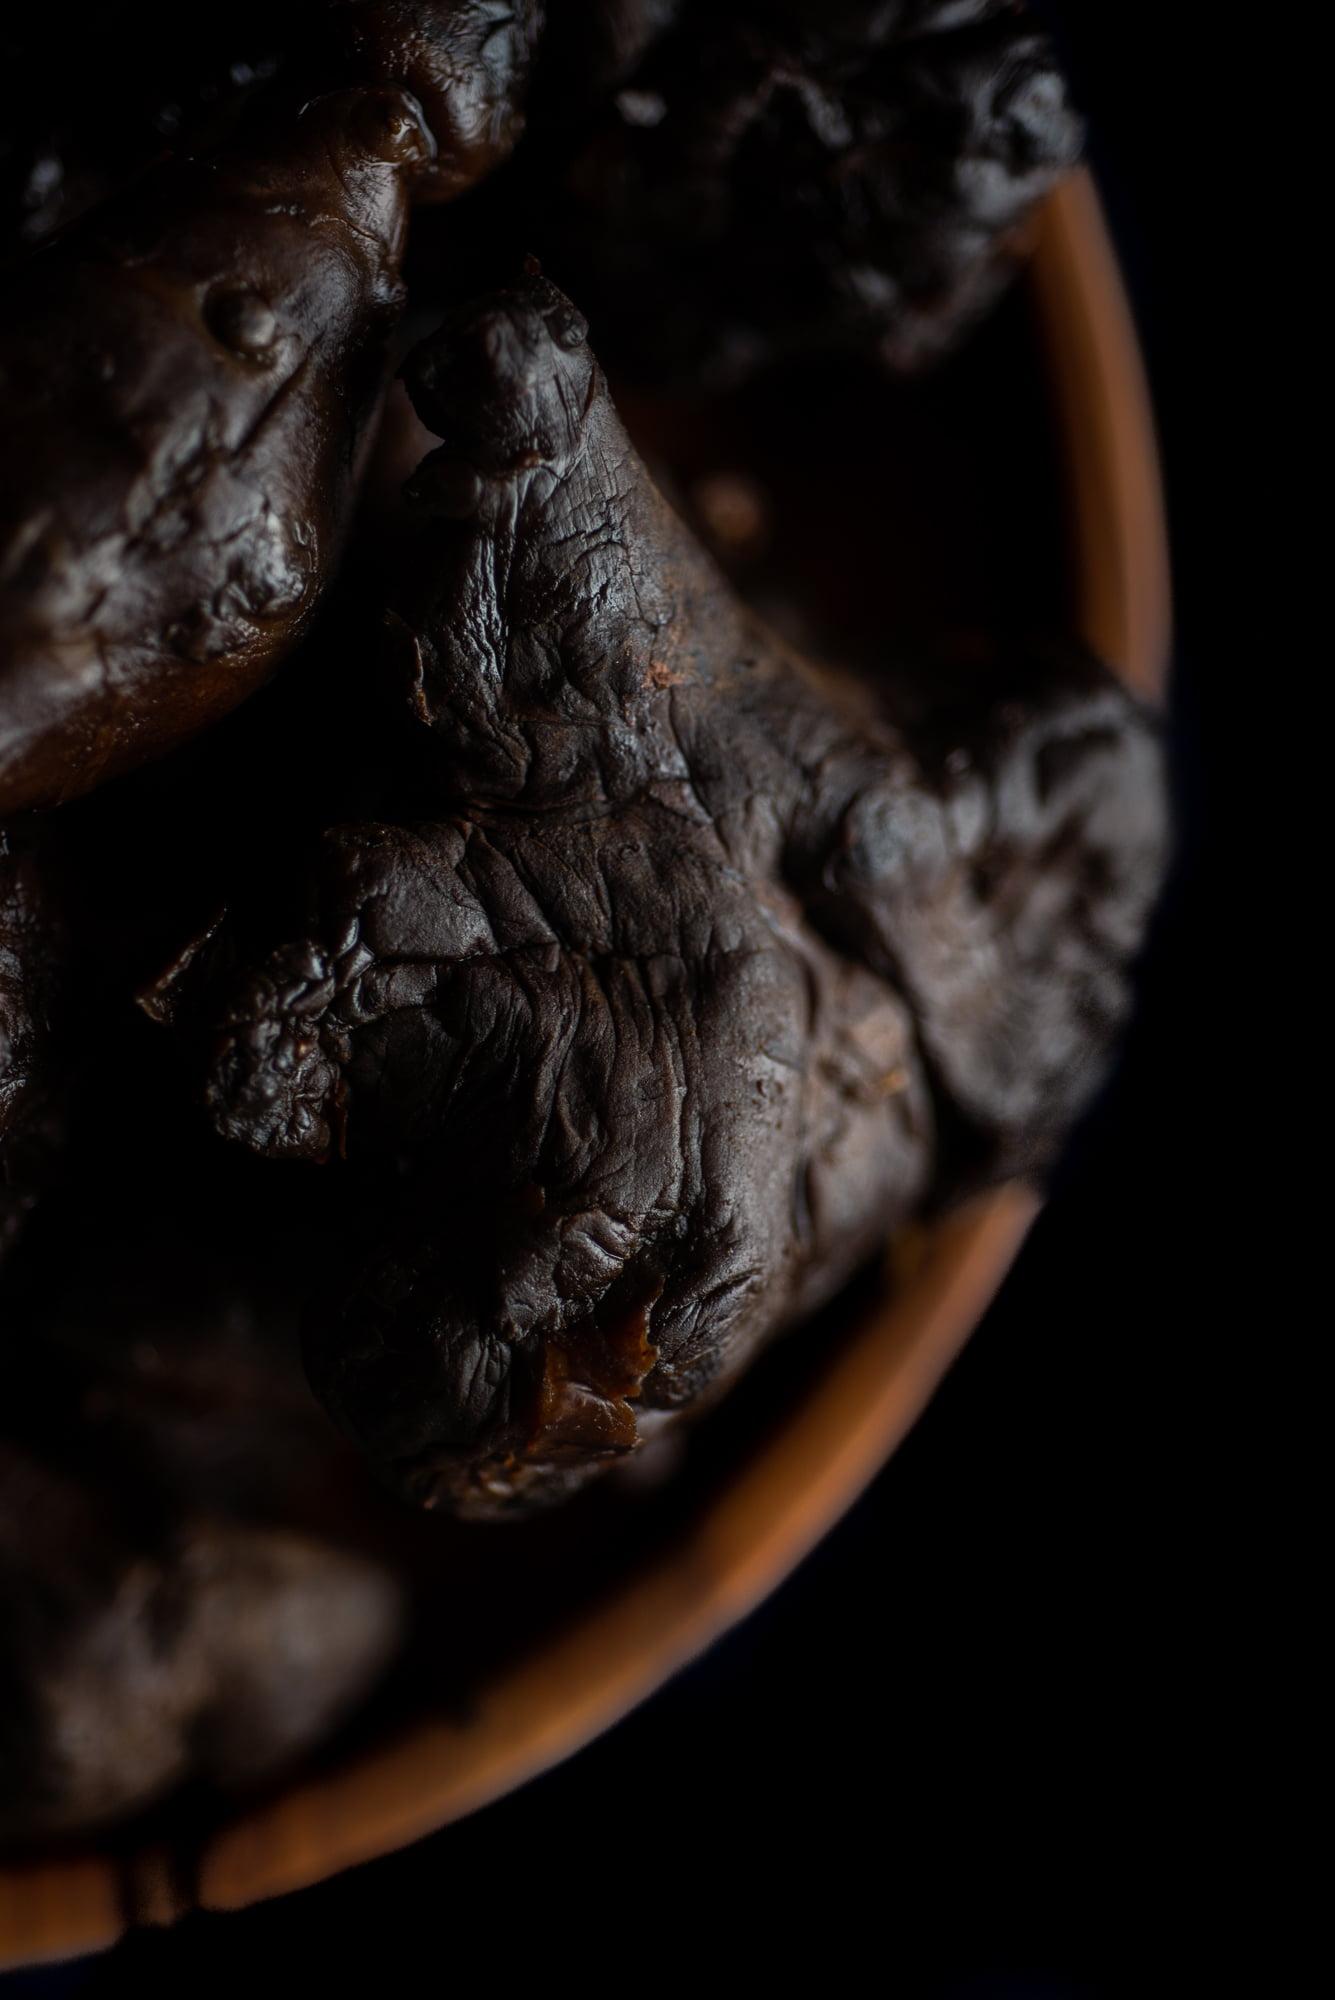 https://www.chilarestaurant.com/vegetales-negros/07_07_chila-2574/